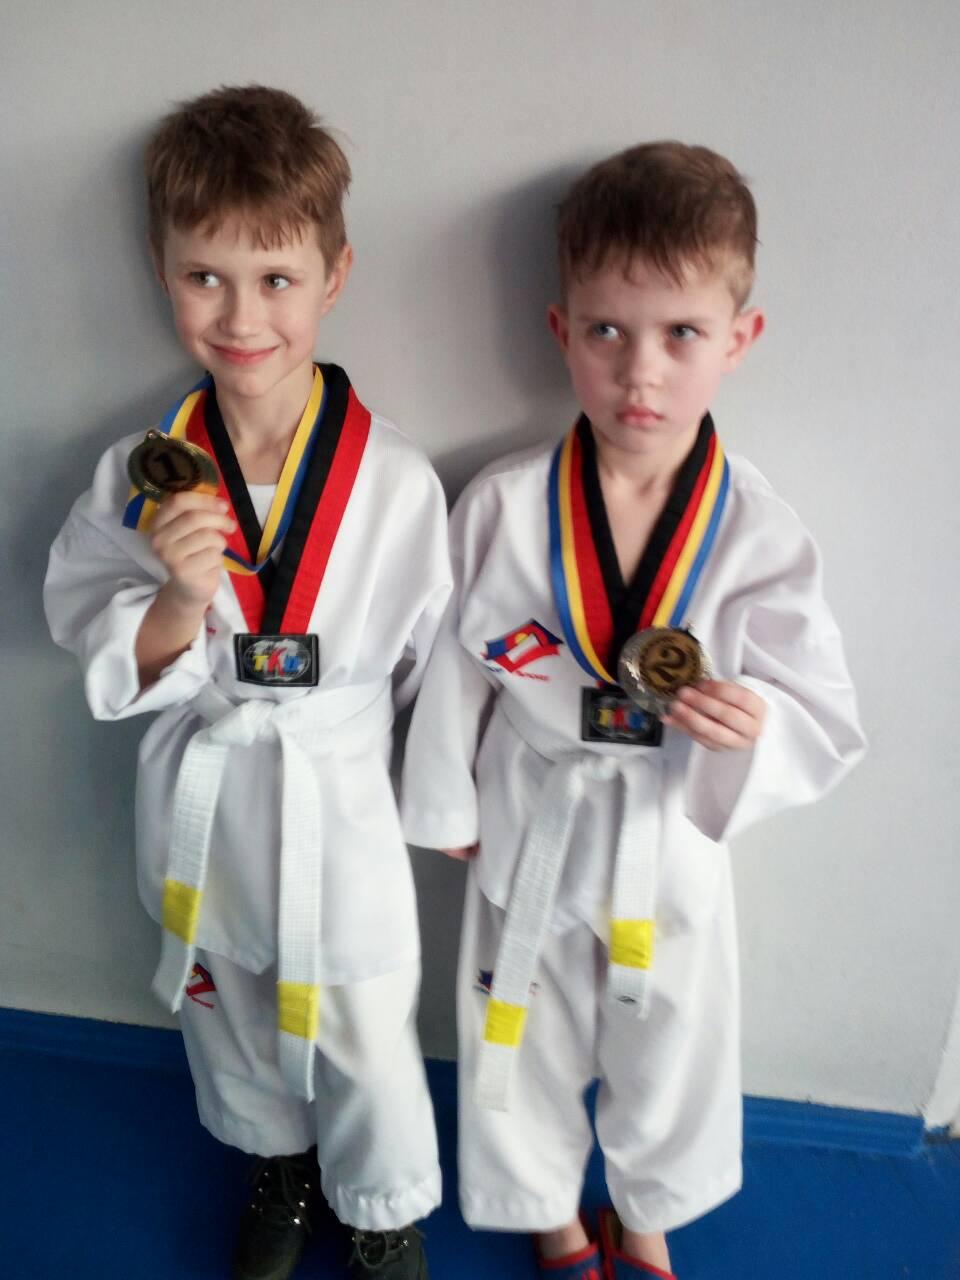 Самые юные барановичские спортсмены Даниил Лукашеня (слева) и Илья Гребенко. Ребята выступали в одной категории, и, одержав победы, они вышли в финал.